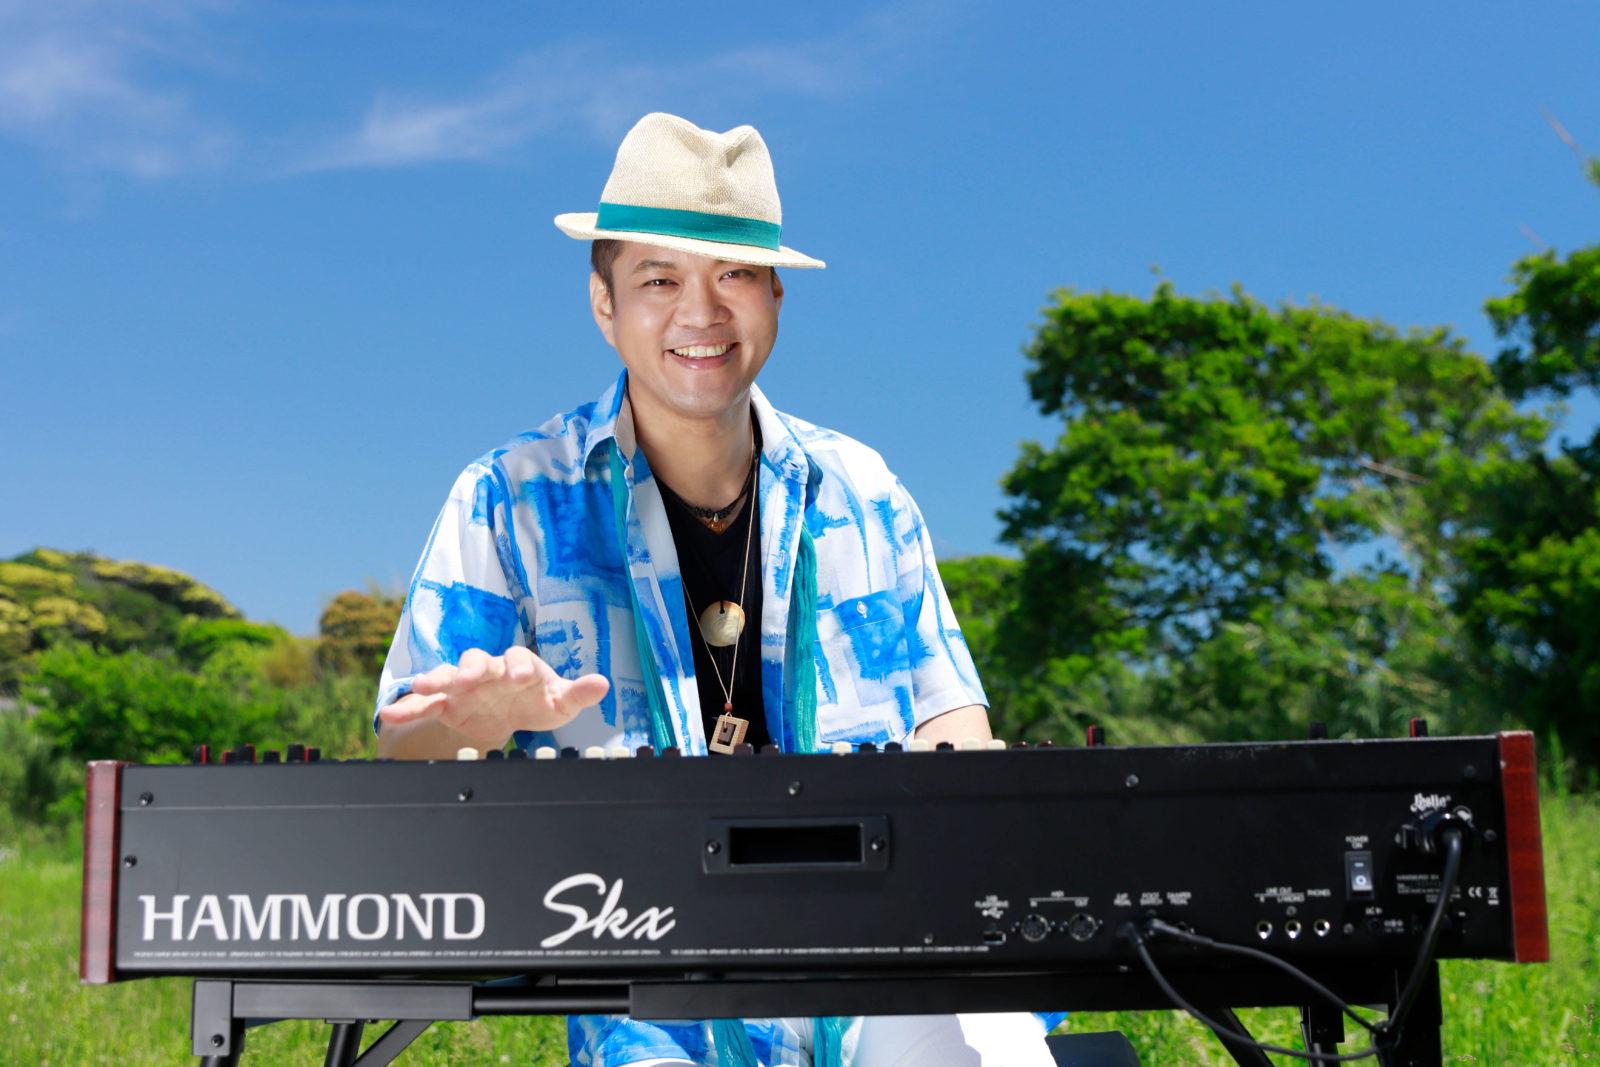 ボサノバ、サンバのピアニスト&オルガン奏者、今井亮太郎5年ぶりとなるオリジナル・アルバムをリリースサムネイル画像